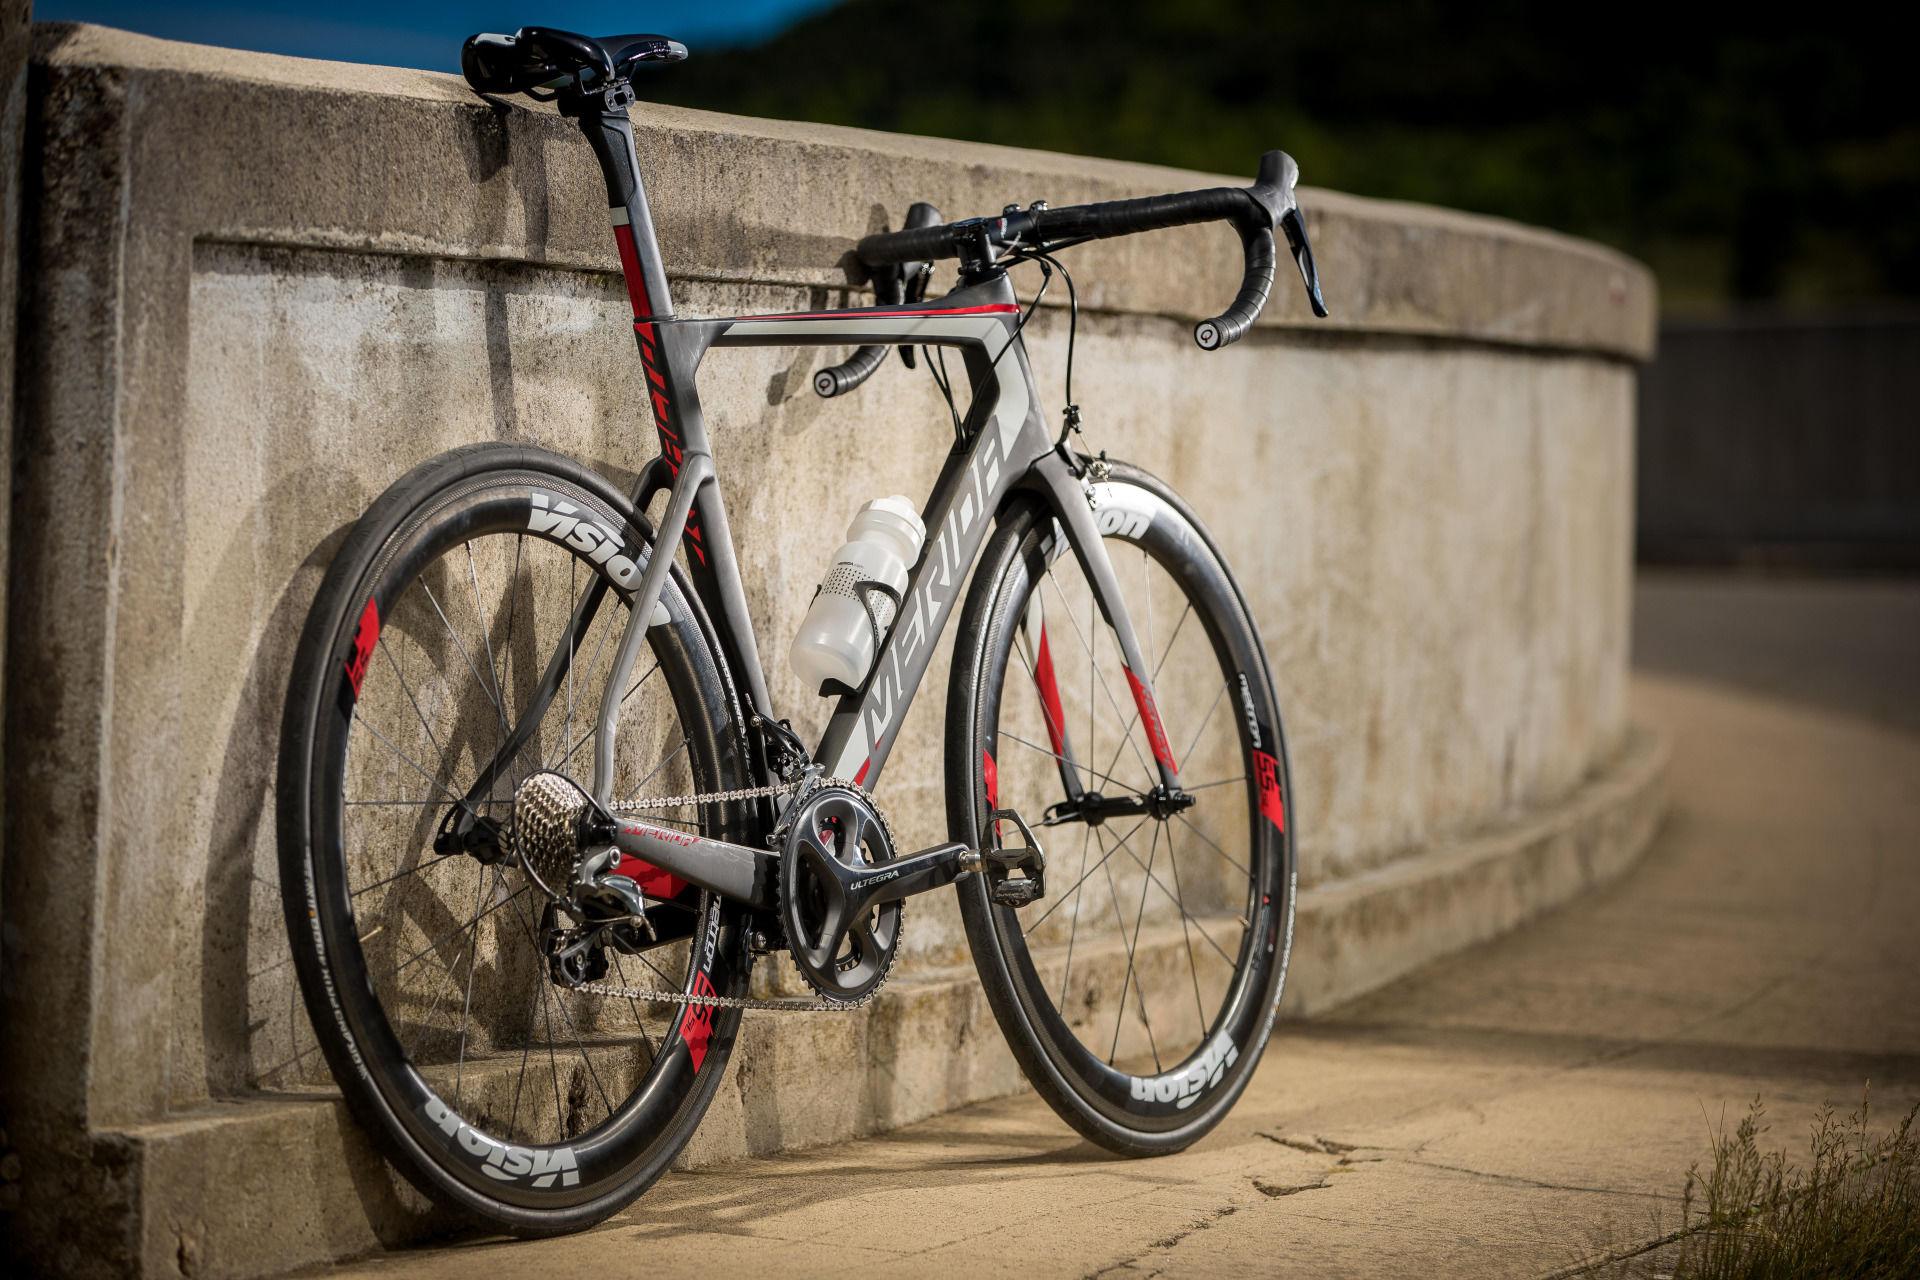 Reacto, rower do triathlonu, rower triathlon, rower szosowy, rowery szosowe, Merida Reacto, rowery do triathlonu, jak dostosować rower do triathlonu